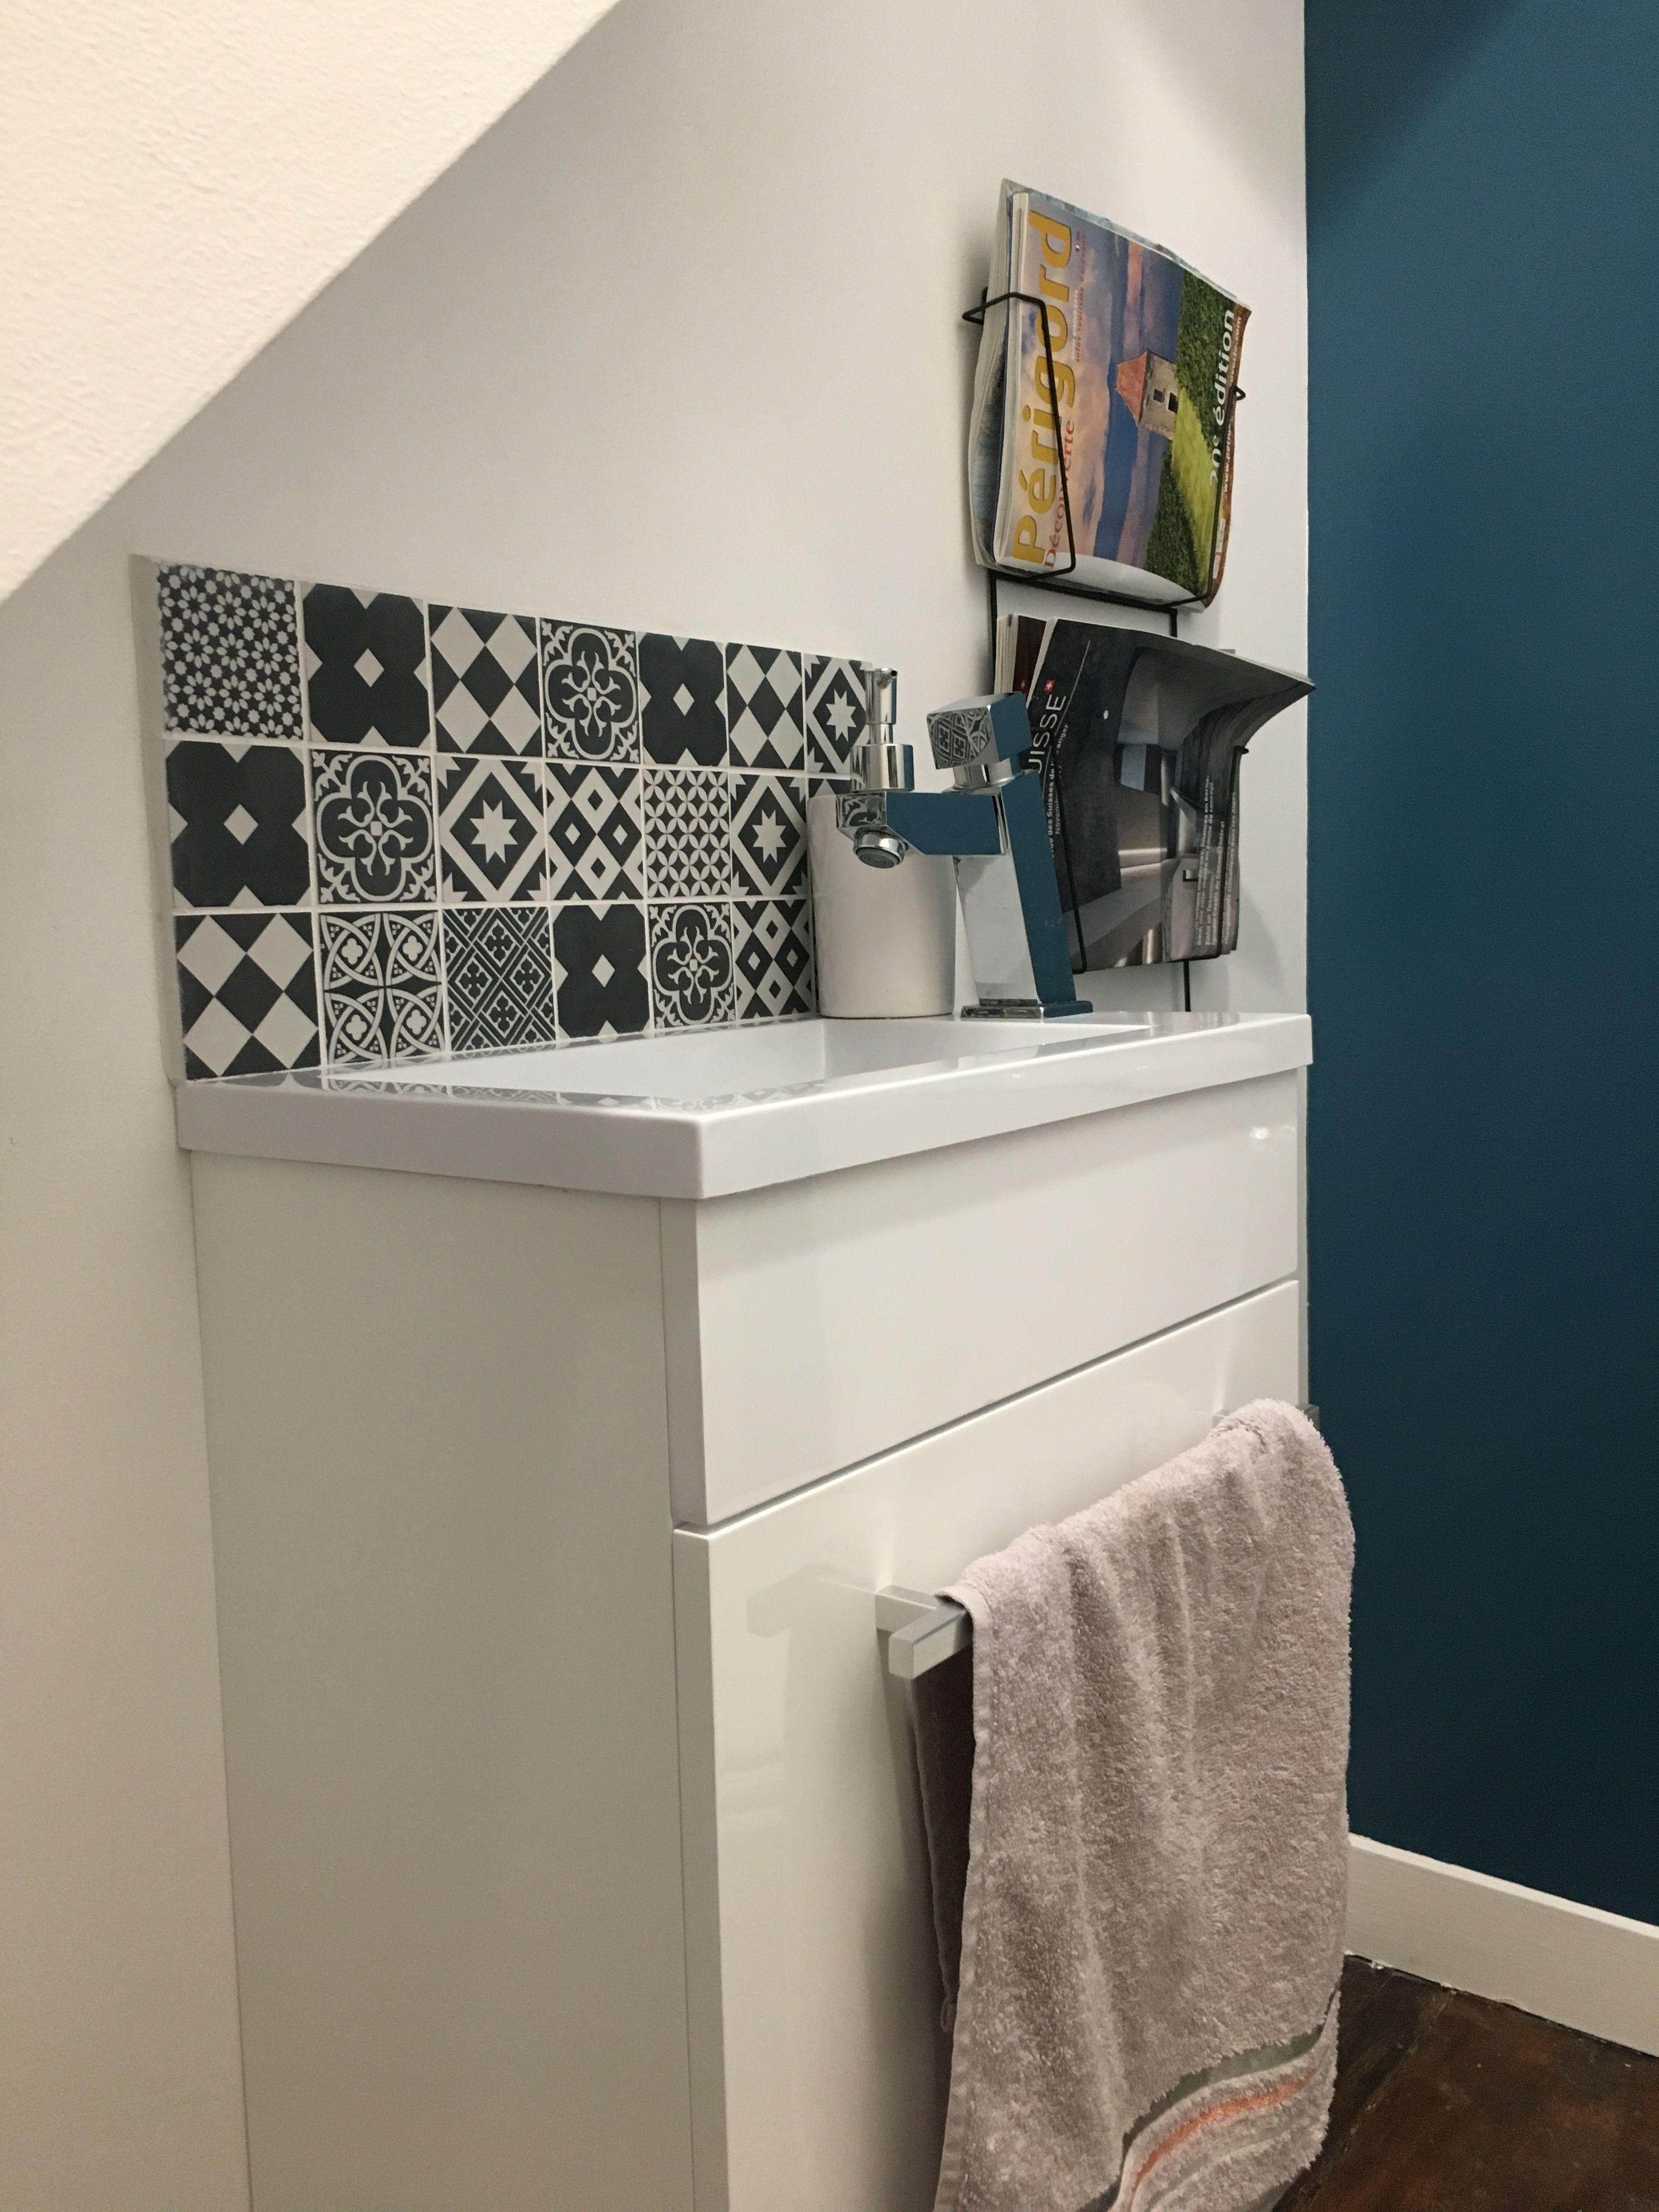 Wc Bleu Canard Noir Et Blanc Carreaux De Ciment Lave Main Deco Moderne Et Ancien Lave Main Toilette Lave Main Wc Idee Wc